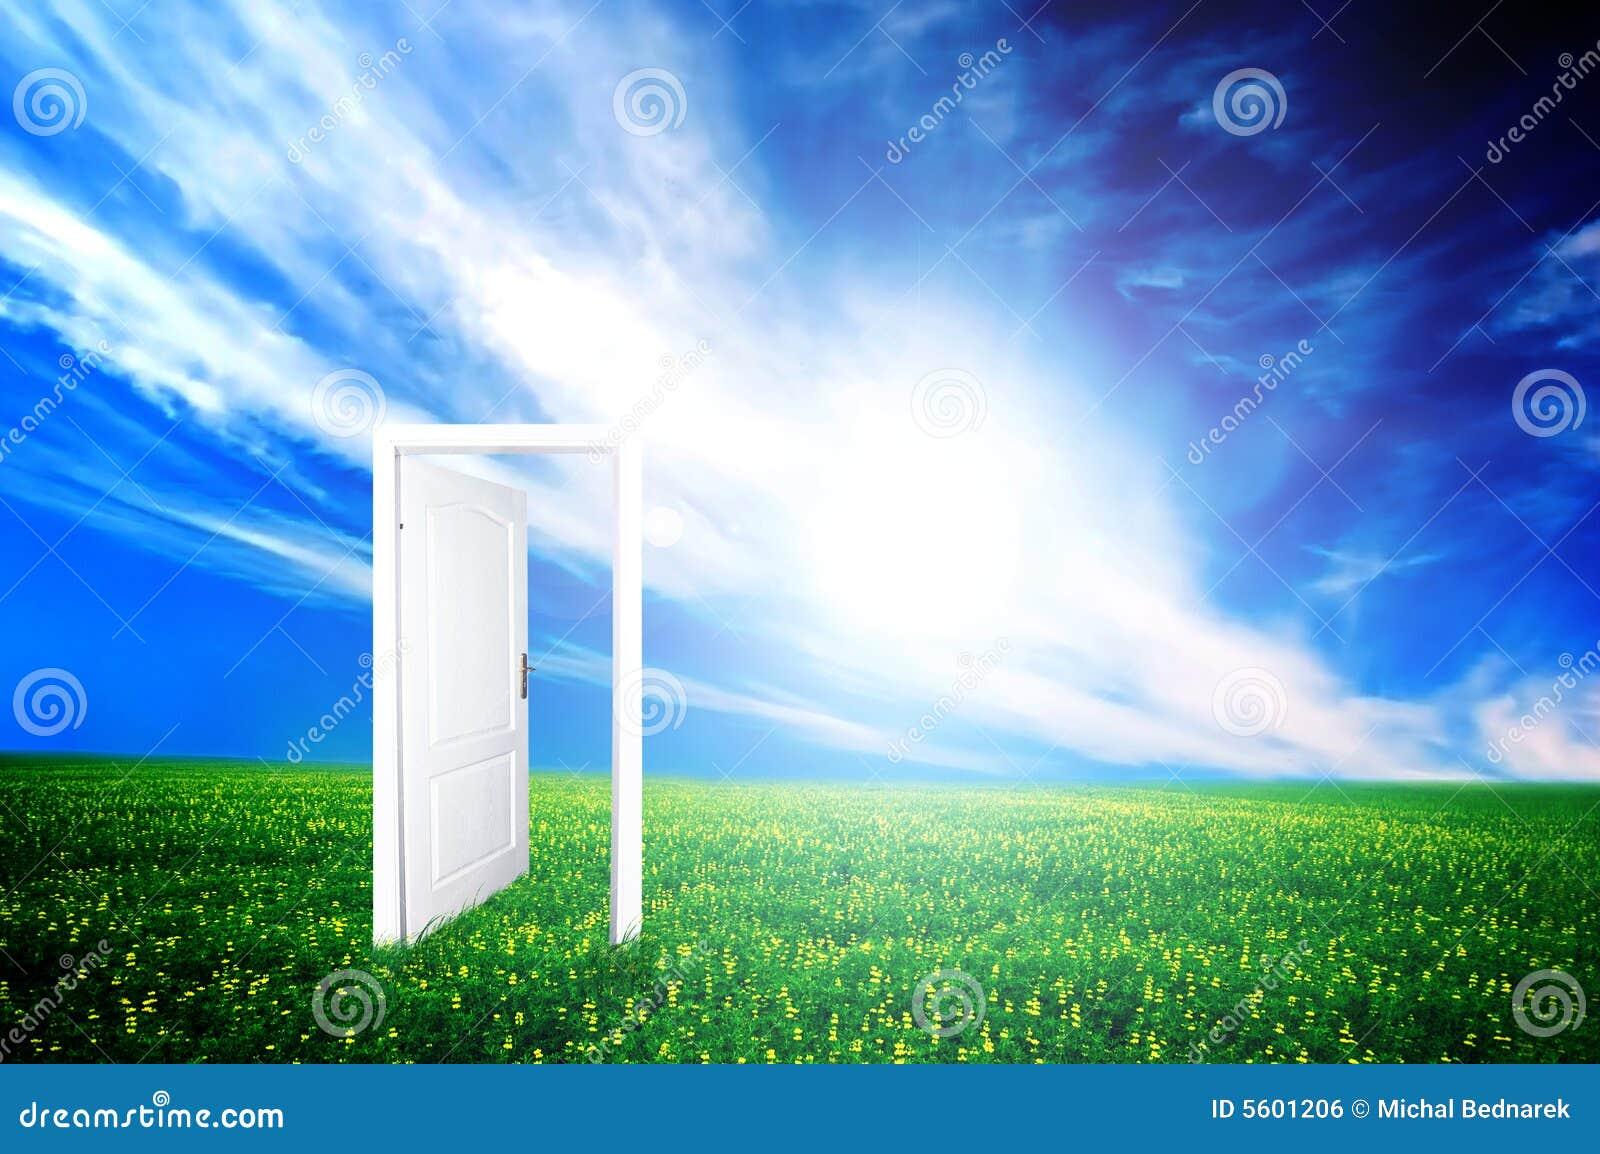 Drzwi nowy świat.